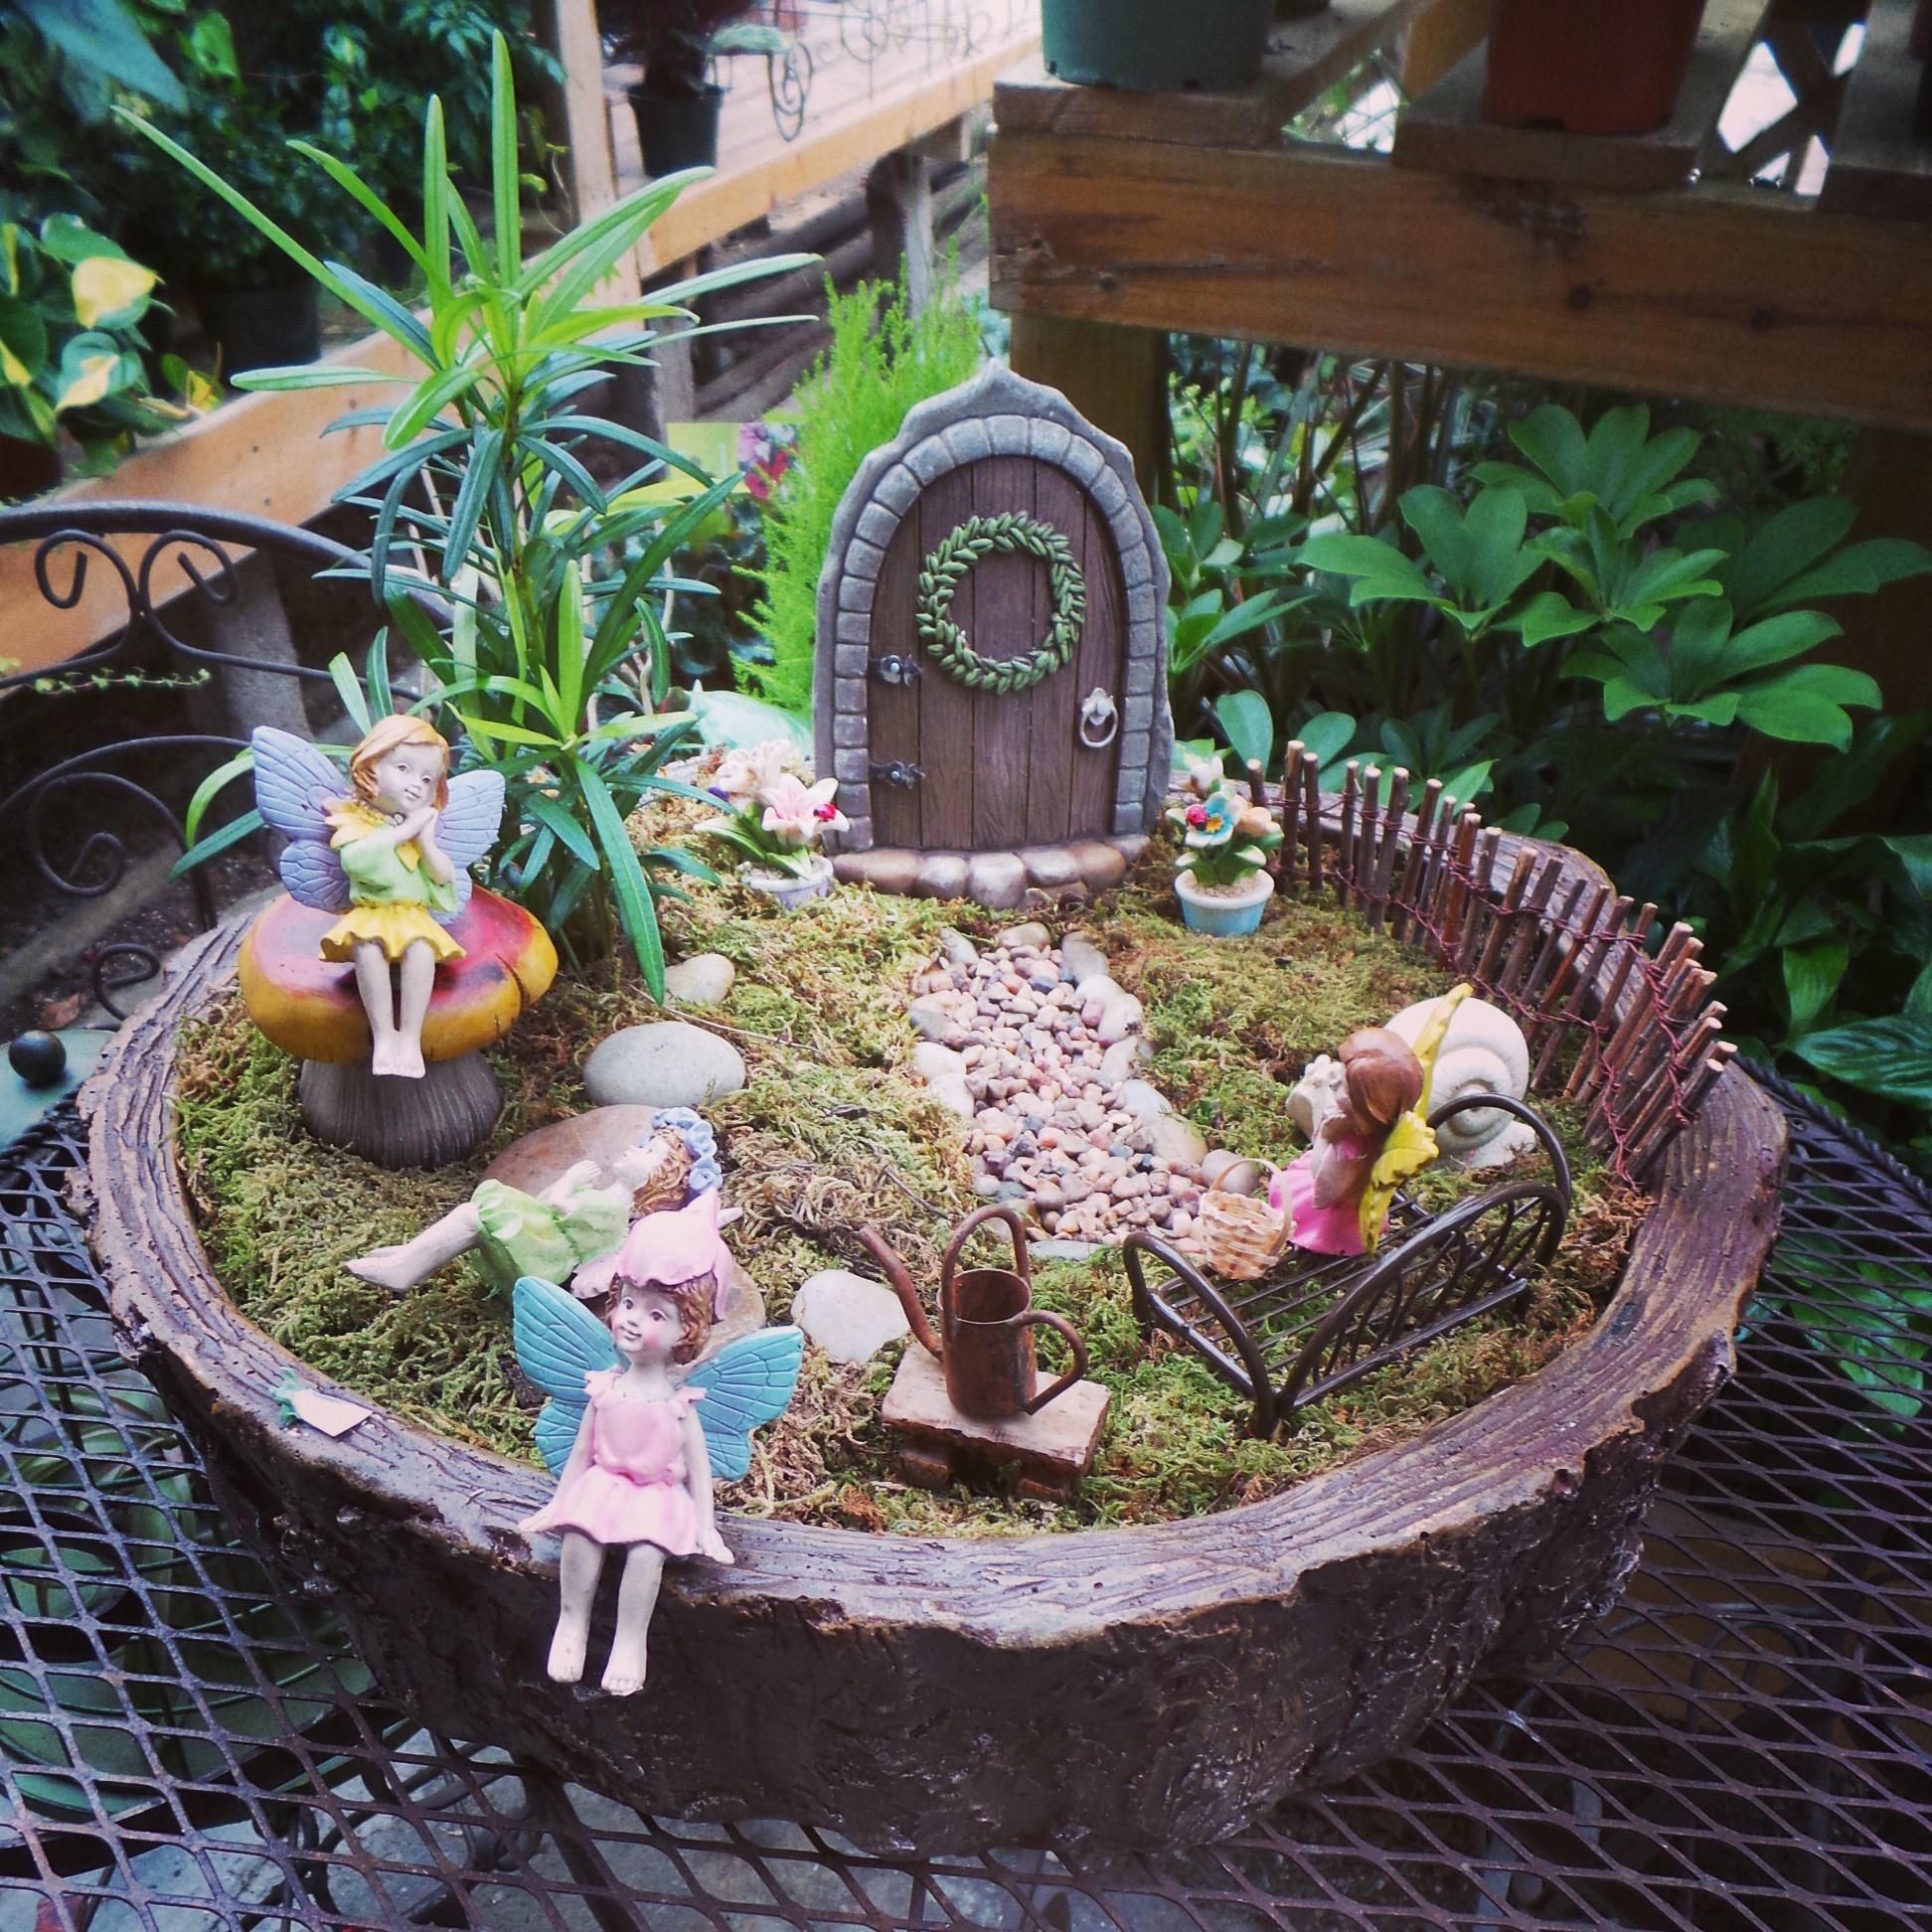 Idyllic Magic Fairies Garden Canberra Miniature Fairies Fairy Garden Create A Miniature Fairy Garden Filled Garden garden Fairies For The Garden